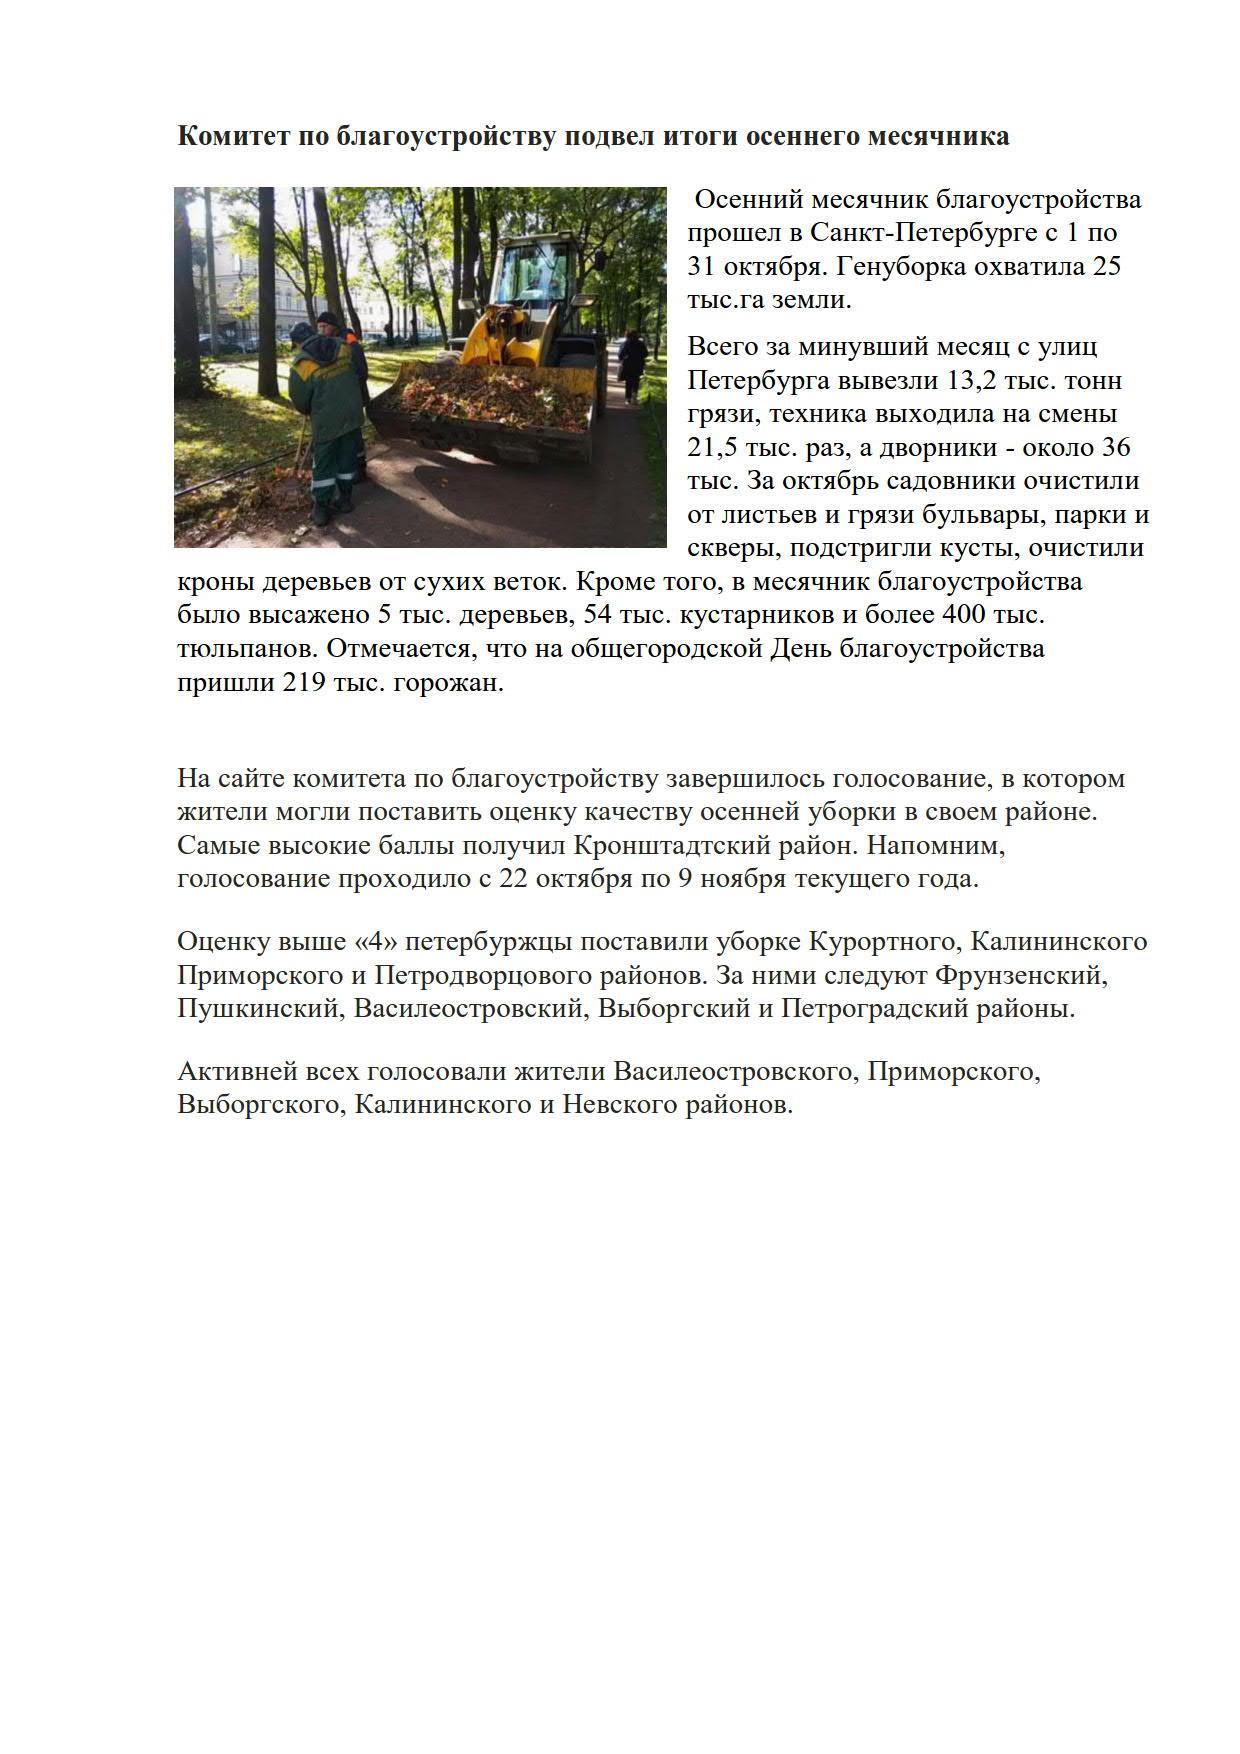 Итоги осеннего месячника 2019_1